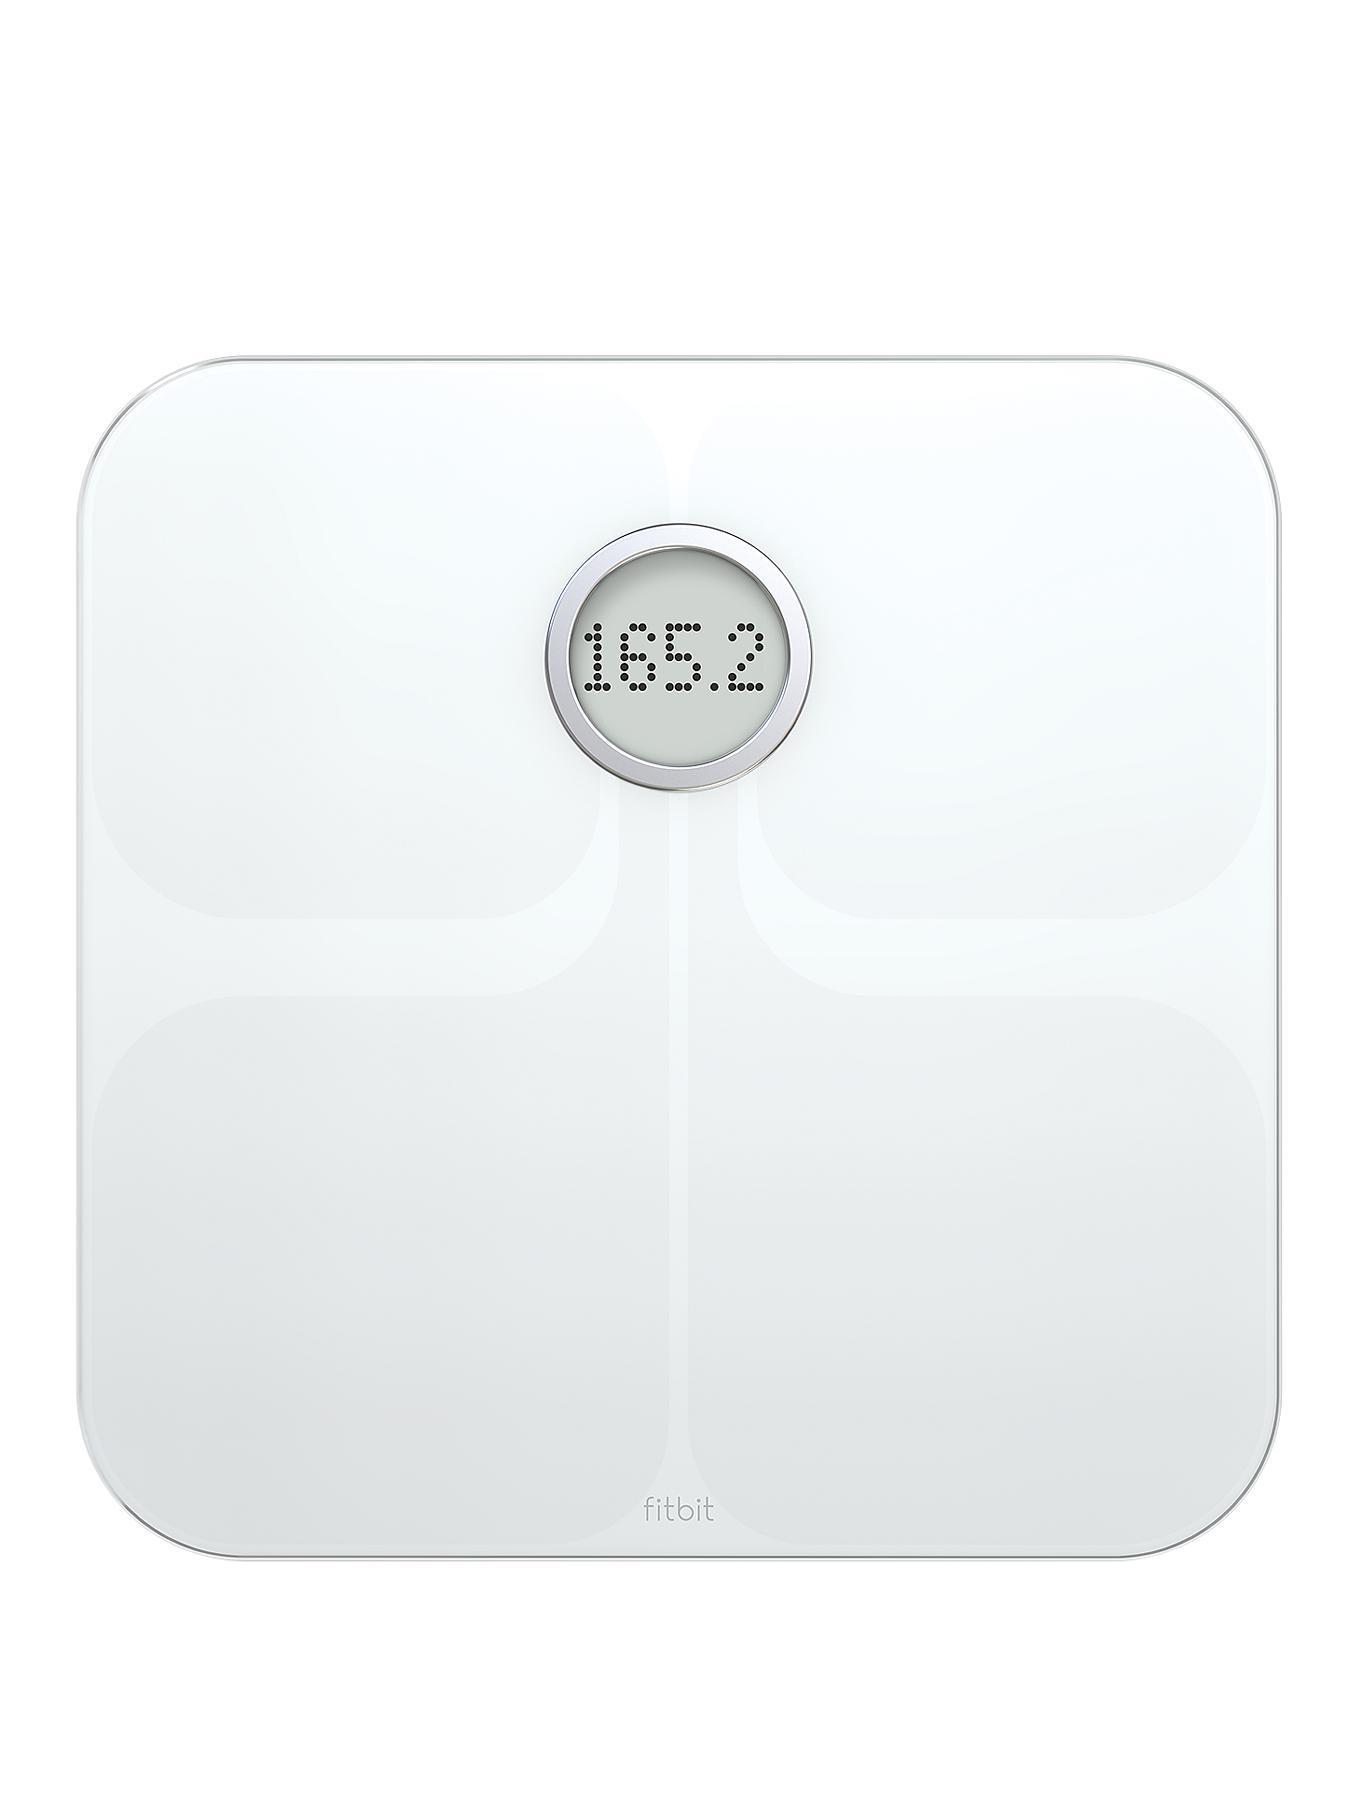 Fitbit Aria WiFi Smart Scale - White